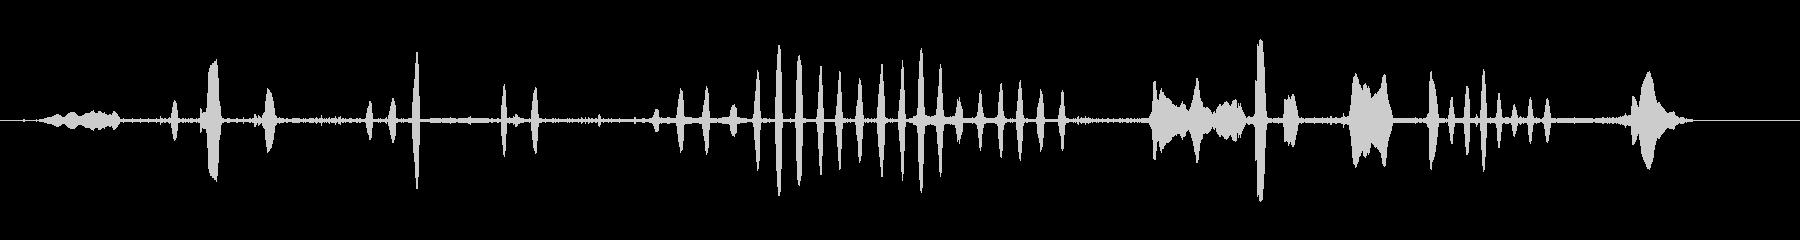 イーグル私道の未再生の波形